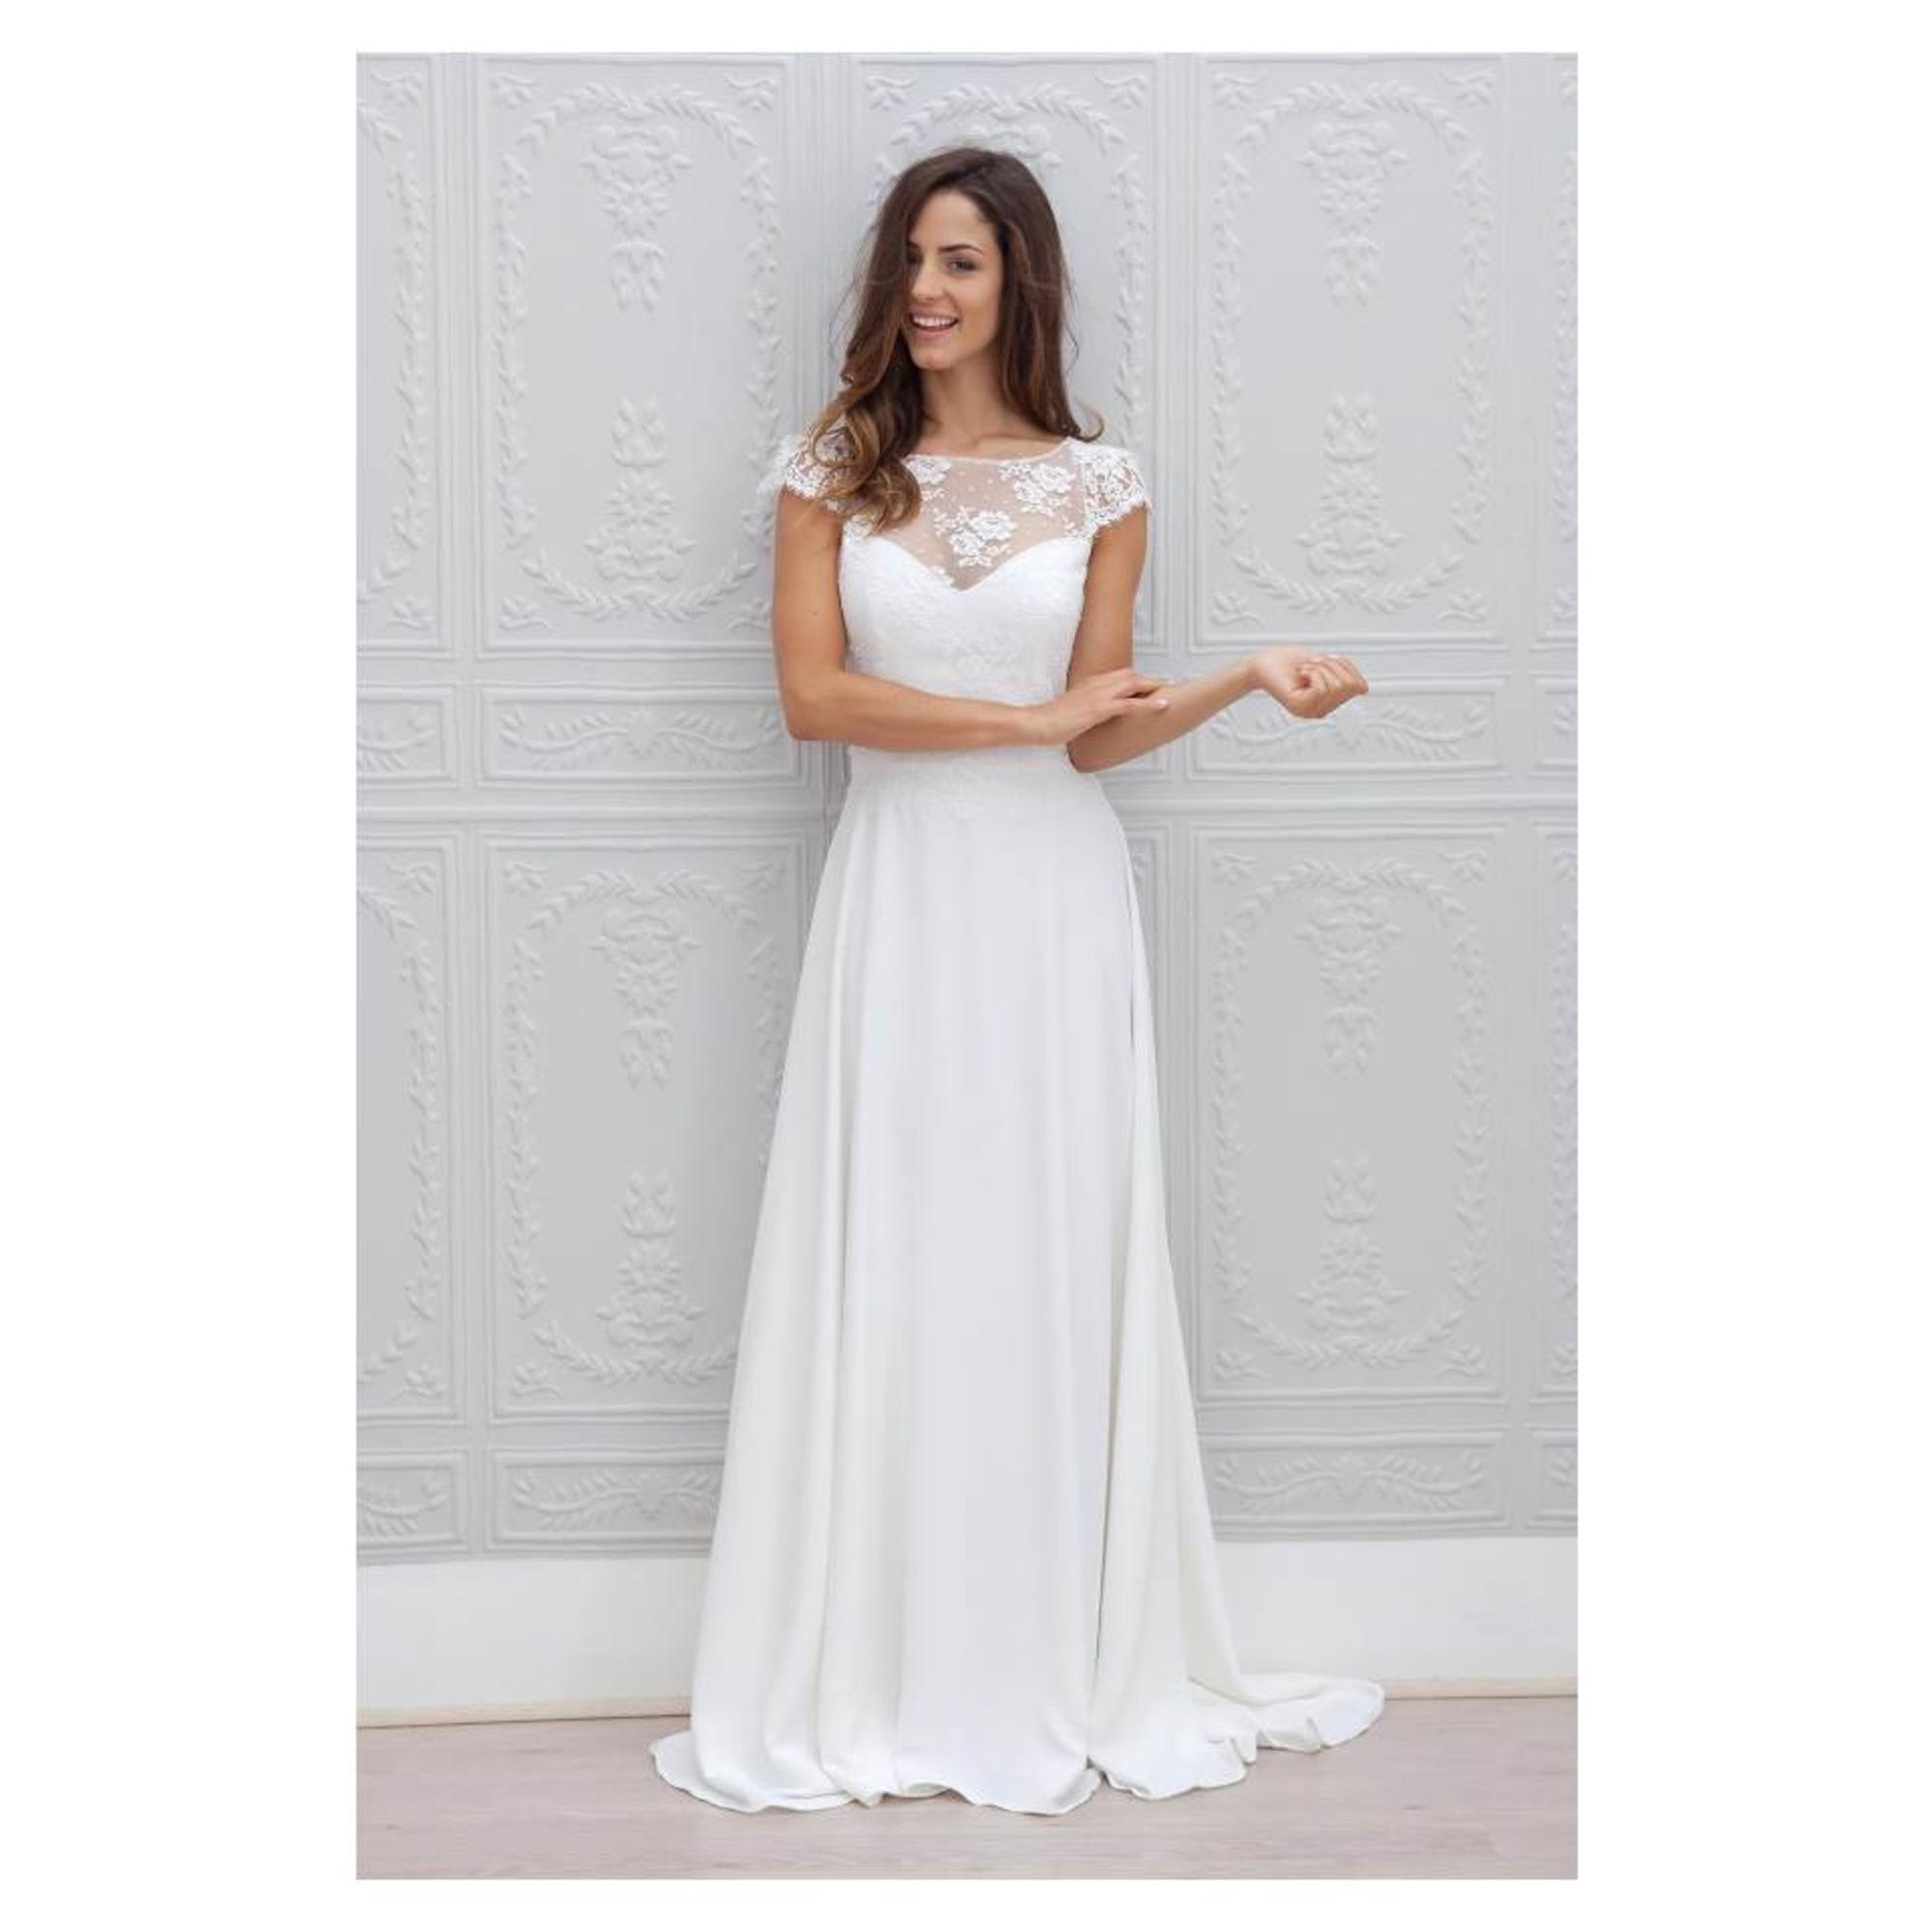 Brautkleid MARIE LAPORTE Sonstiges weiß - 3854394